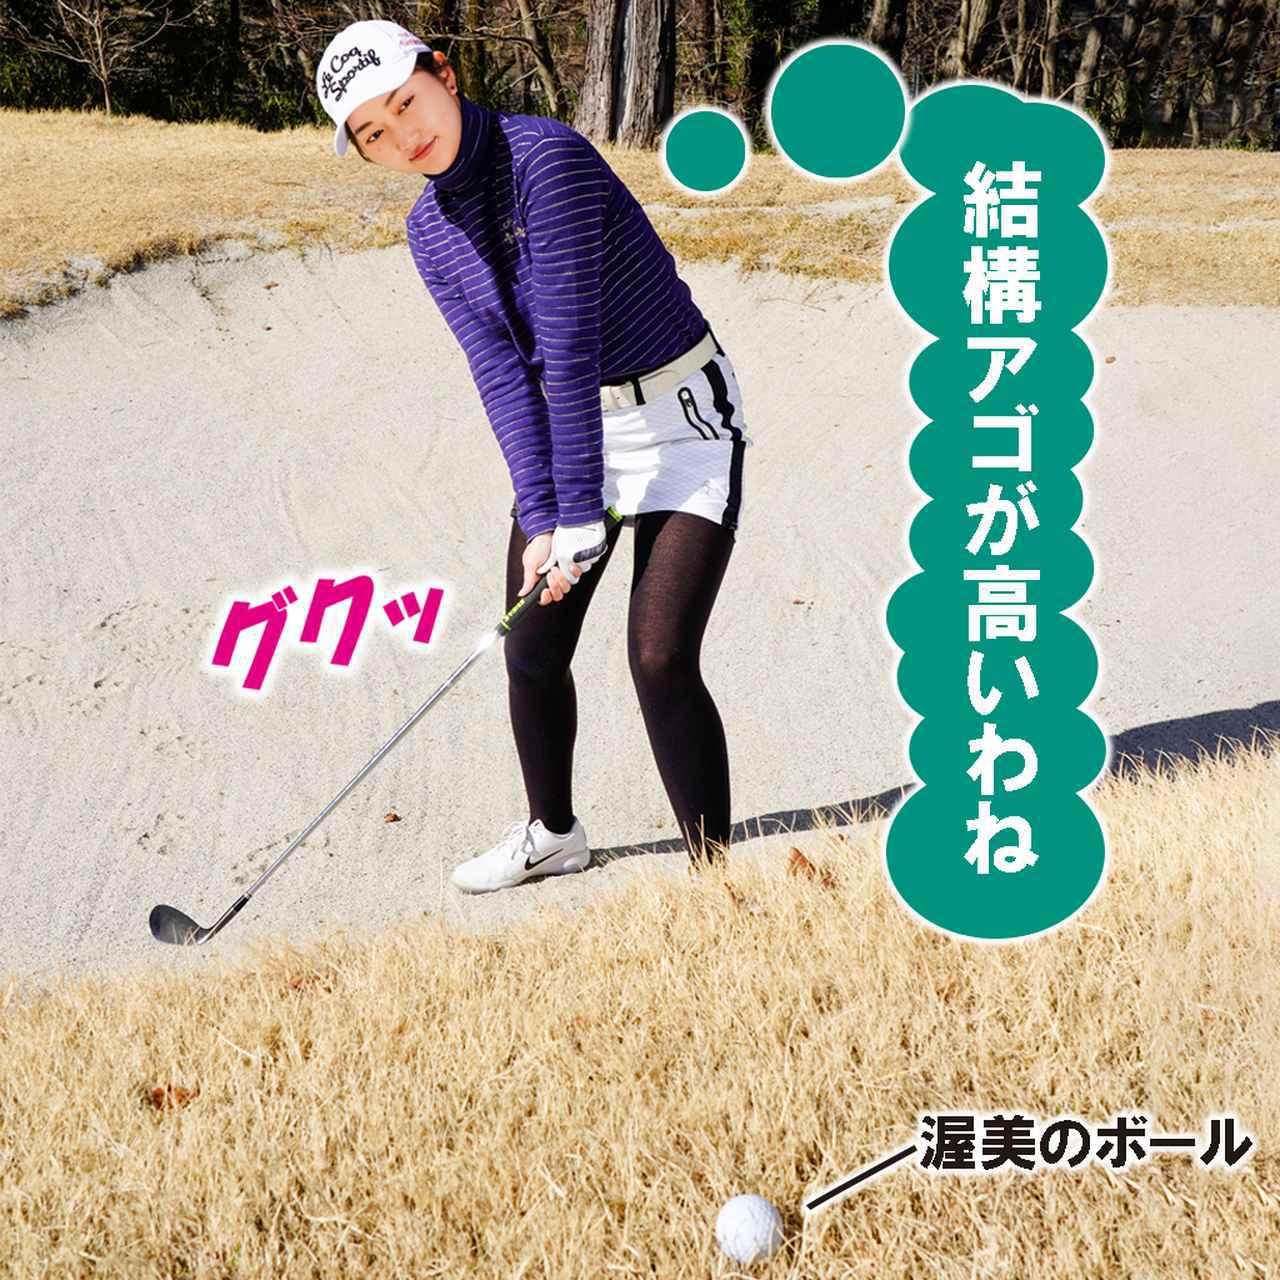 画像1: 【新ルール】ボールに砂をかけられた! 拭ける? 拭けない?